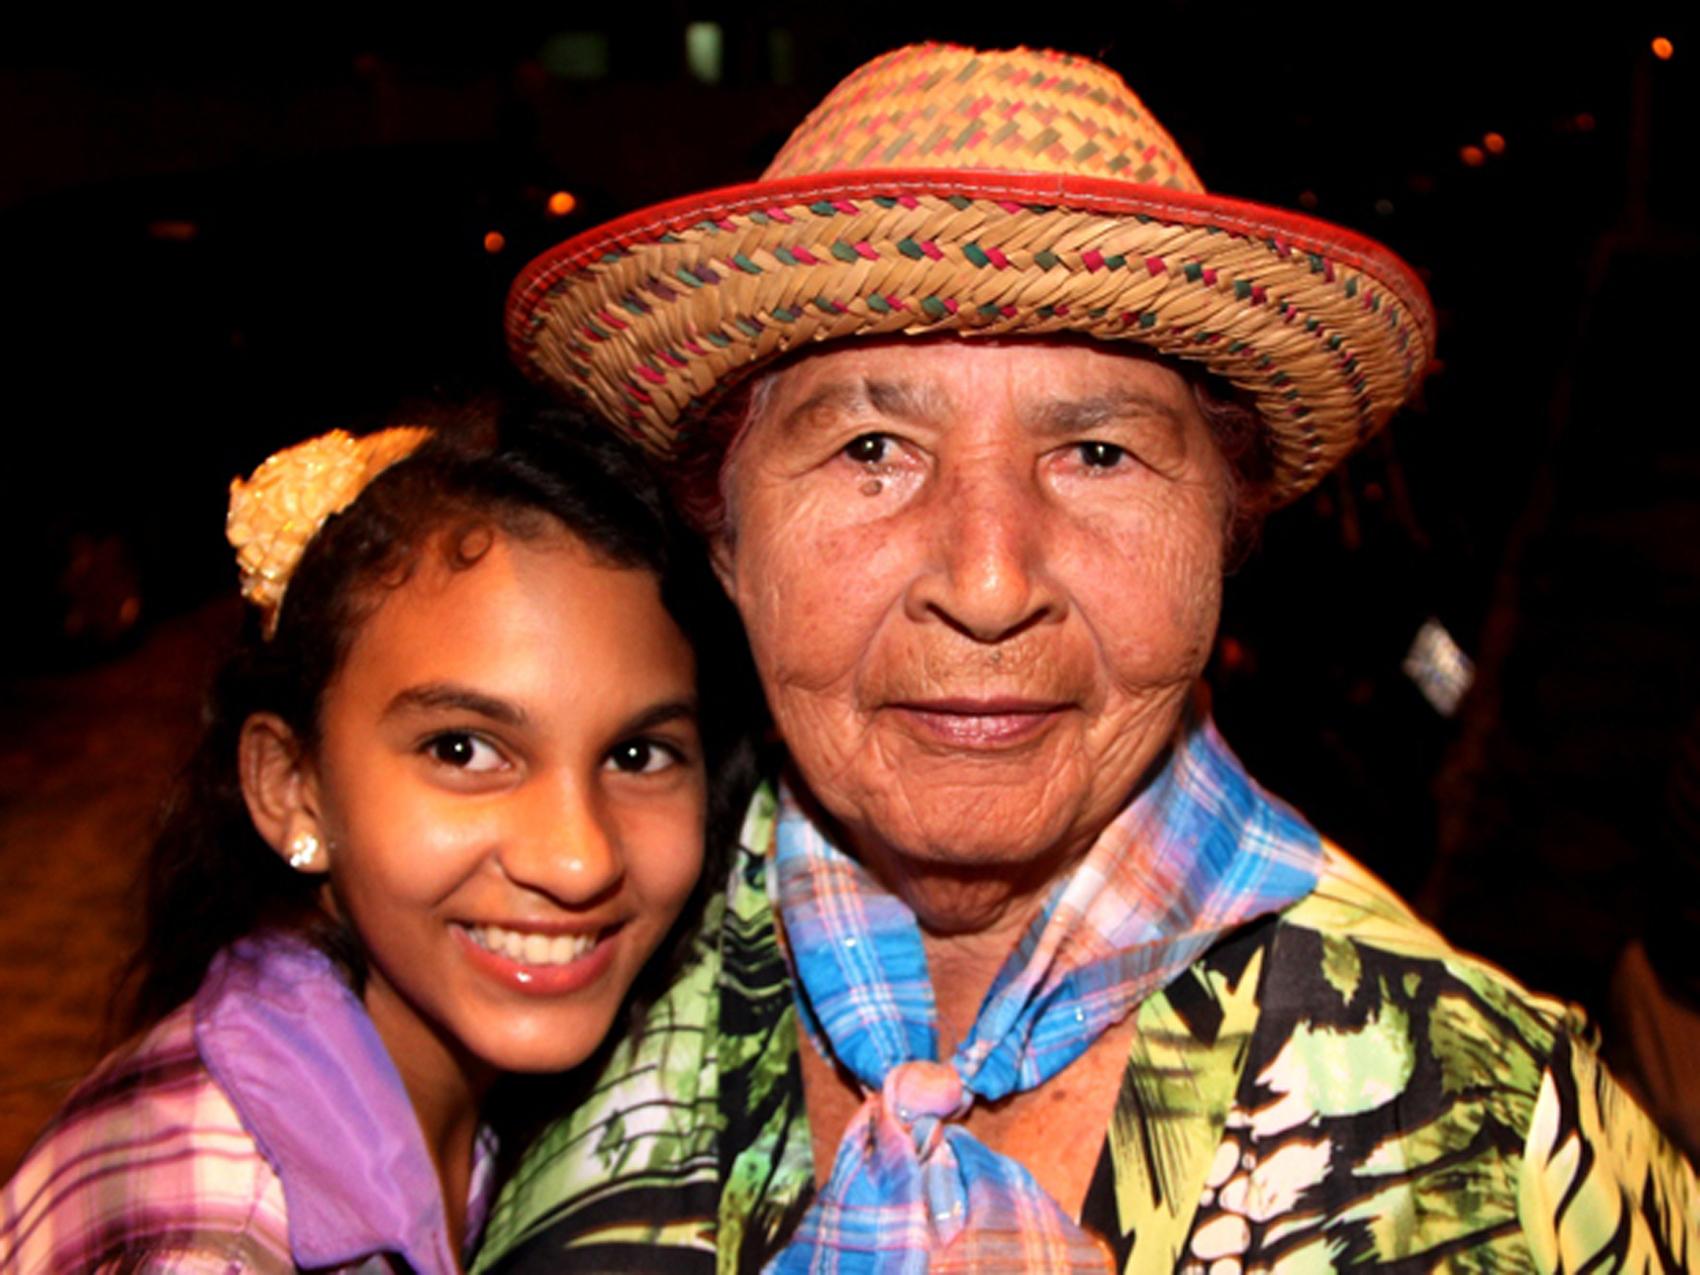 Festa de São João do Conde, Litoral Sul, acontece nas comunidades rurais e mantém clima familiar de festa no interior.